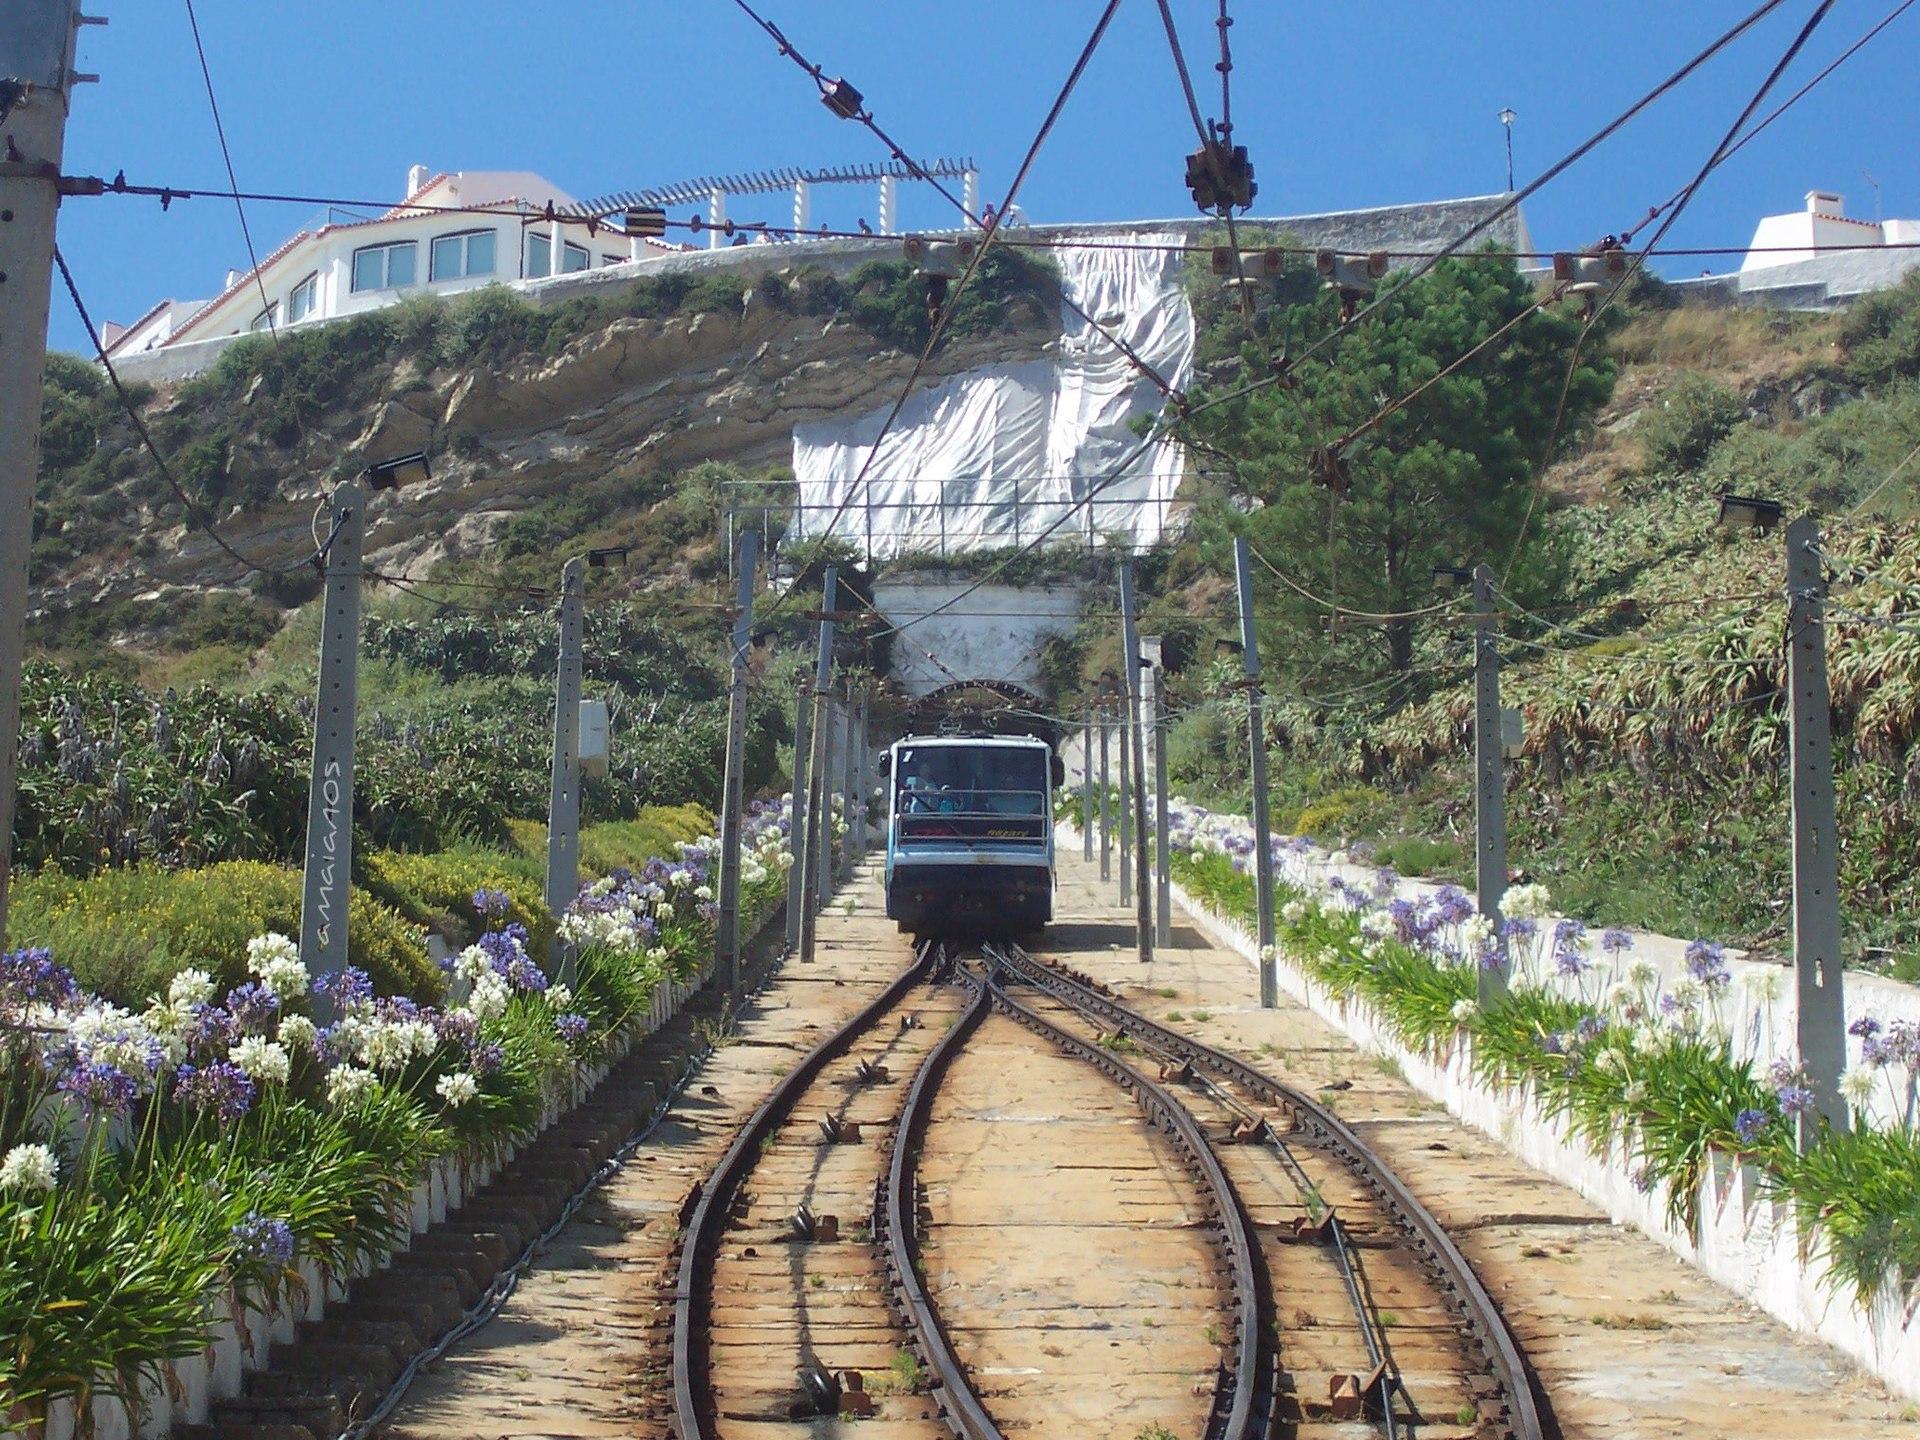 Nazar 233 Funicular Wikipedia